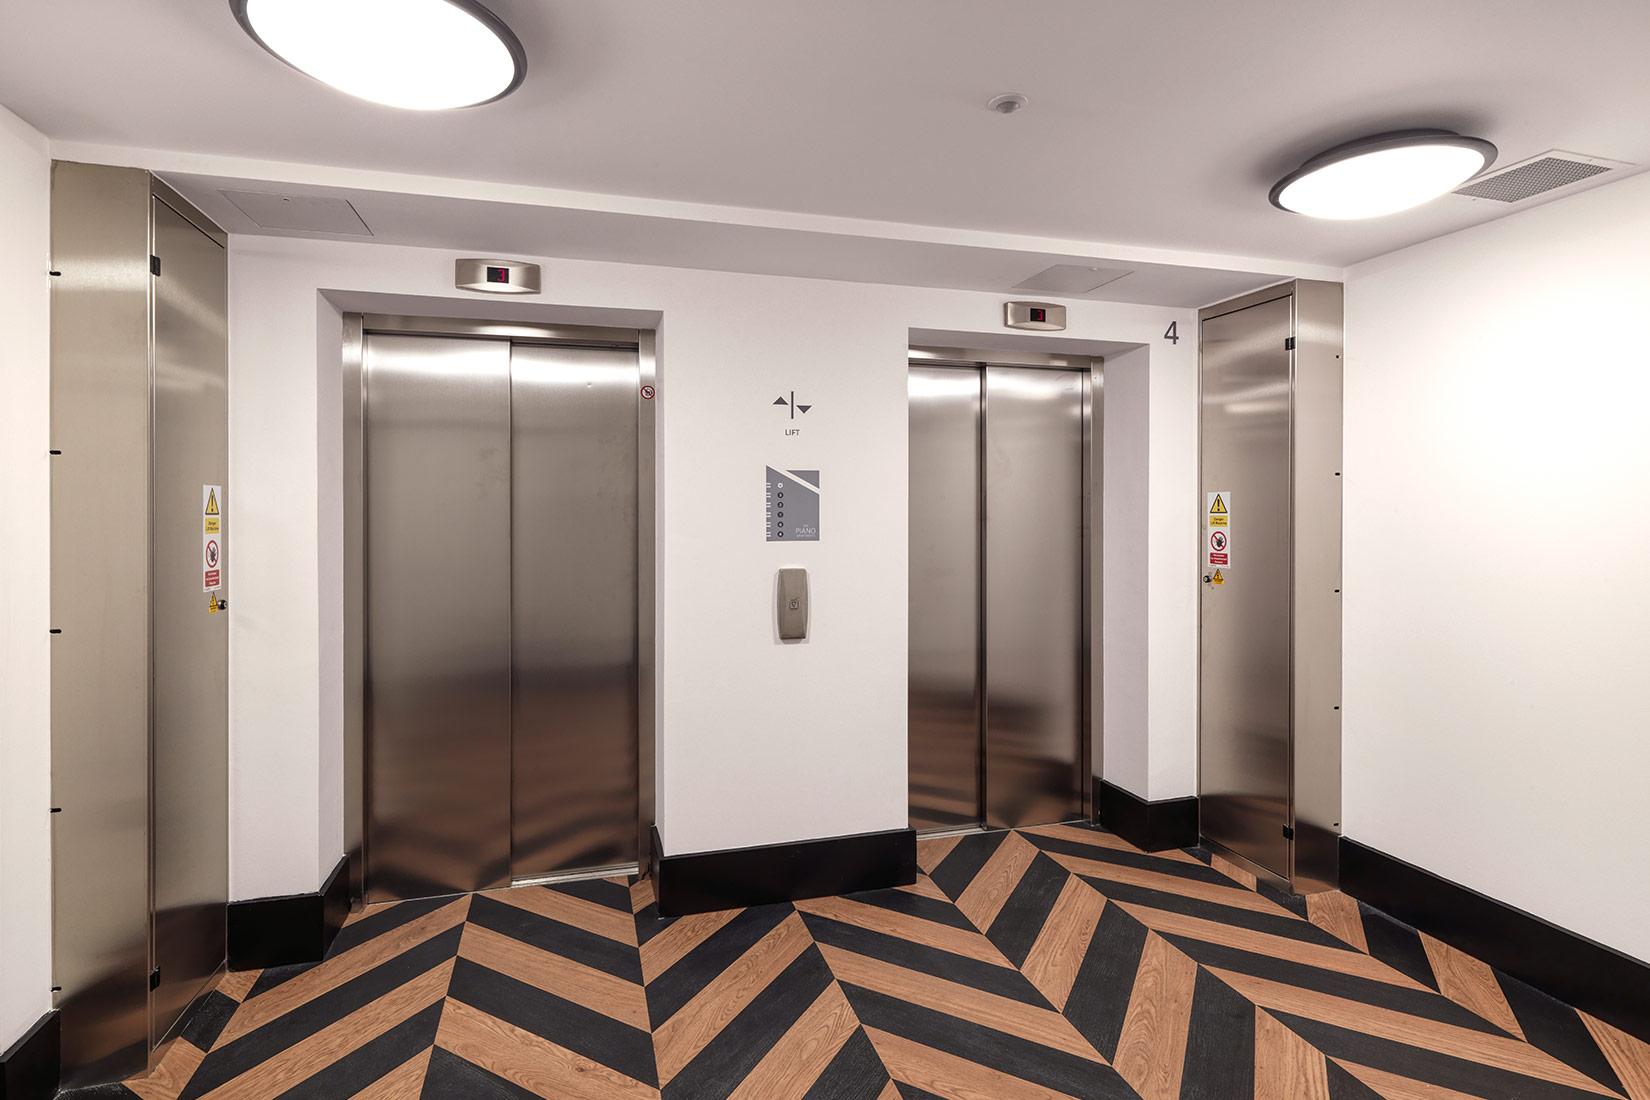 Piano Apartments, Clapham, London, Lobby